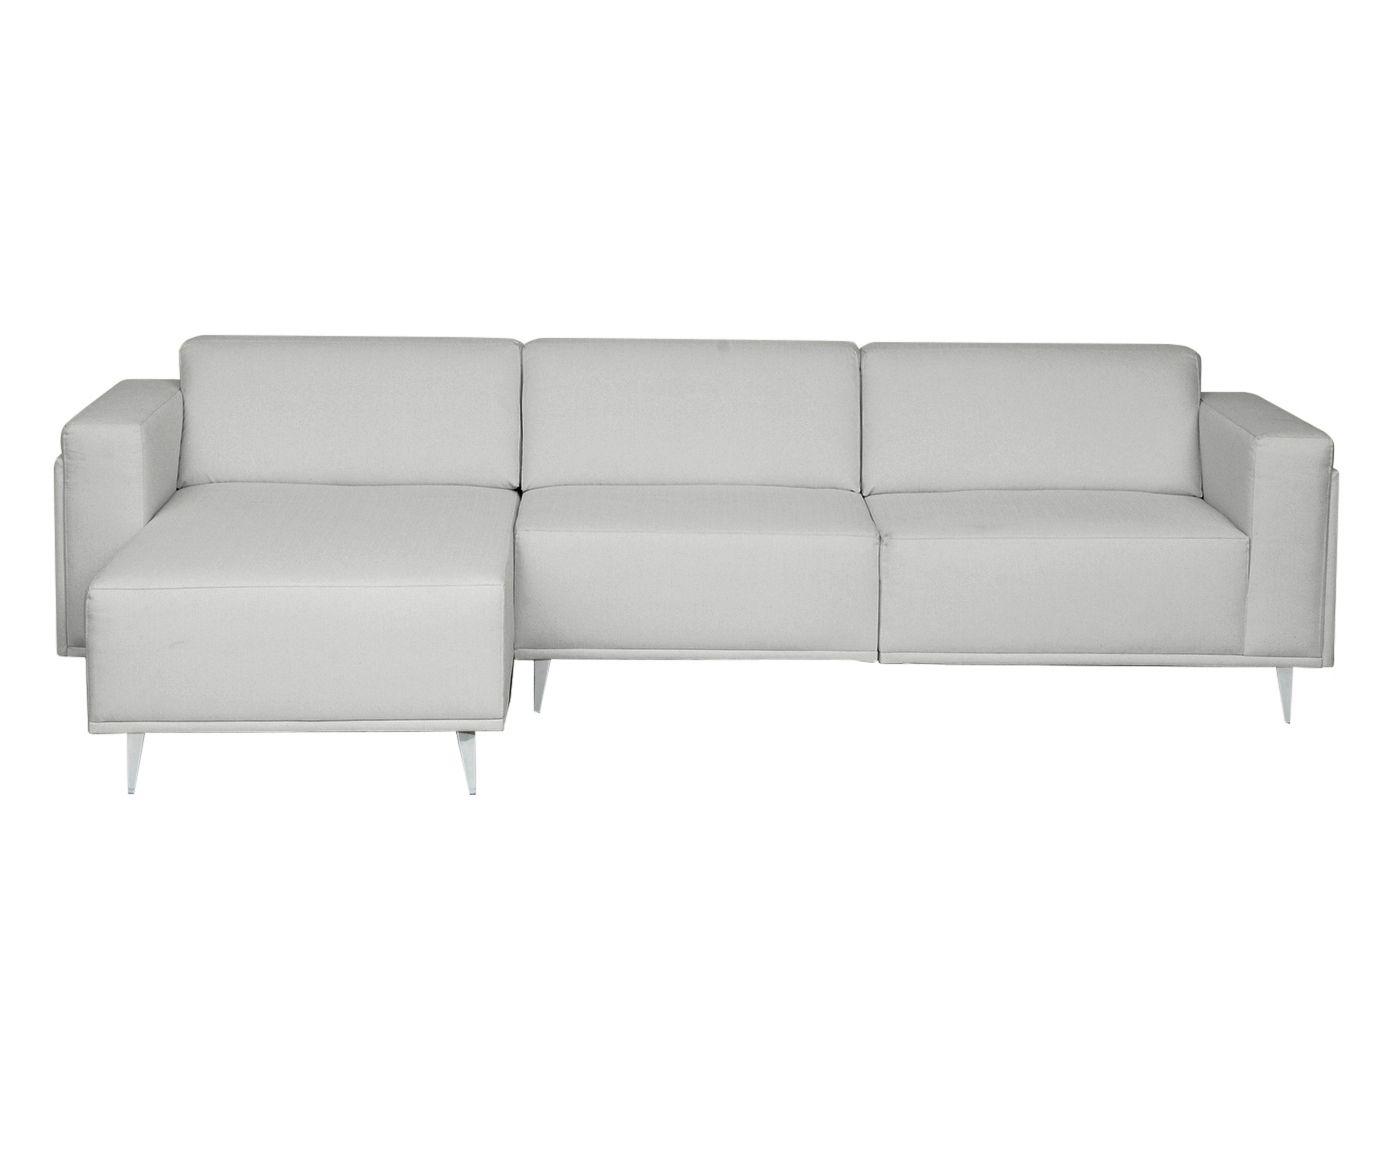 Sofá Modular com Chaise Direita Antonio Cinza Garoa - 280X79X85cm | Westwing.com.br